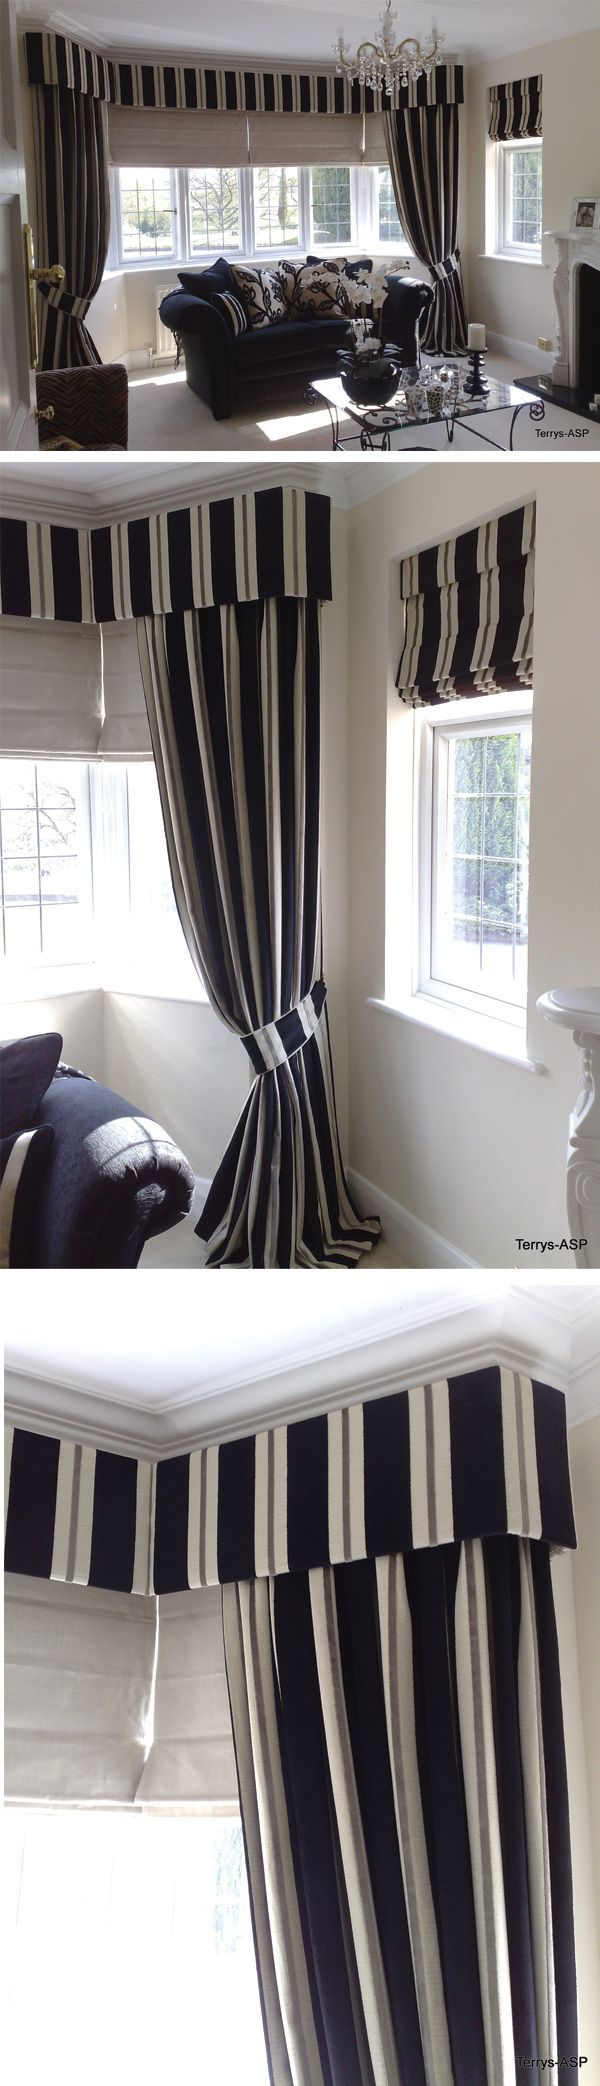 235 besten deko bilder auf pinterest anleitungen deckchen und tischdecken. Black Bedroom Furniture Sets. Home Design Ideas